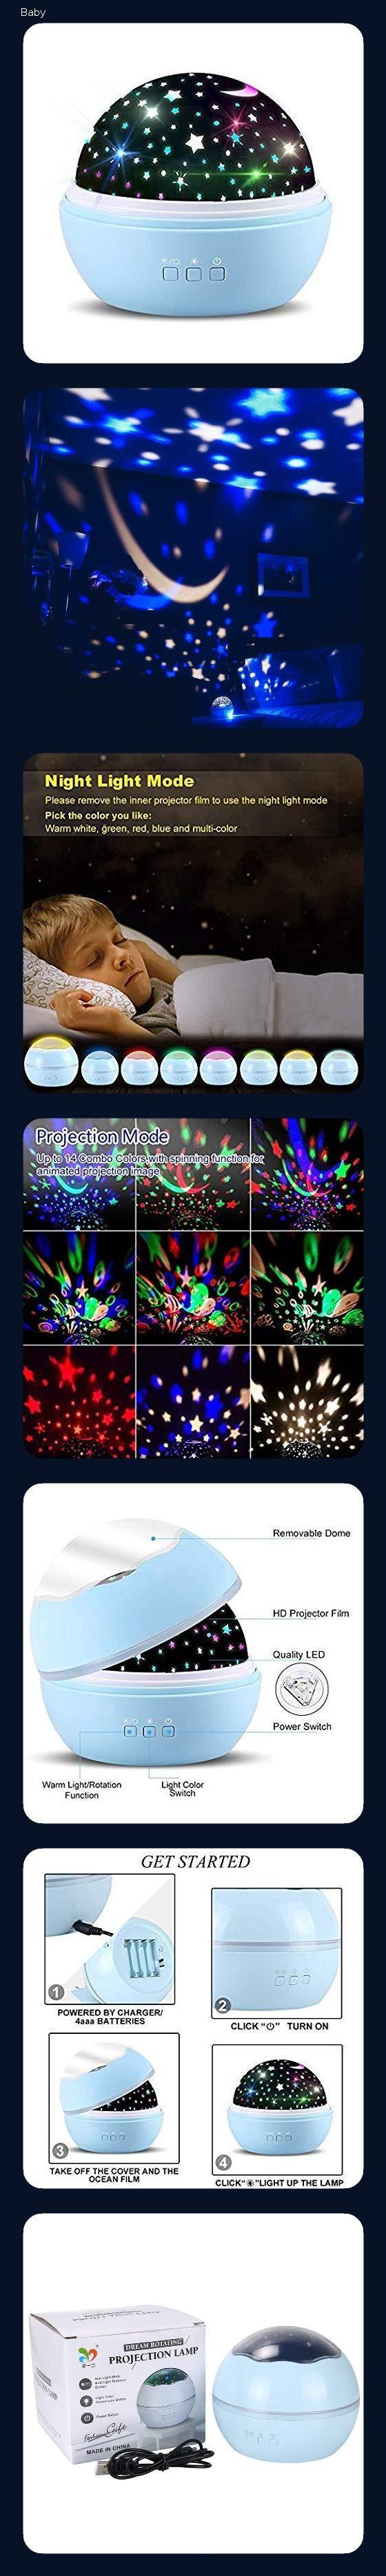 Tofoco Sp 1i Sternenhimmel Projektor Nachtlicht Lampe Mit 360 Drehfunktion Bunt Stern Und Ozean Projektions Sternenhimmel Nachtlicht Sternen Himmel